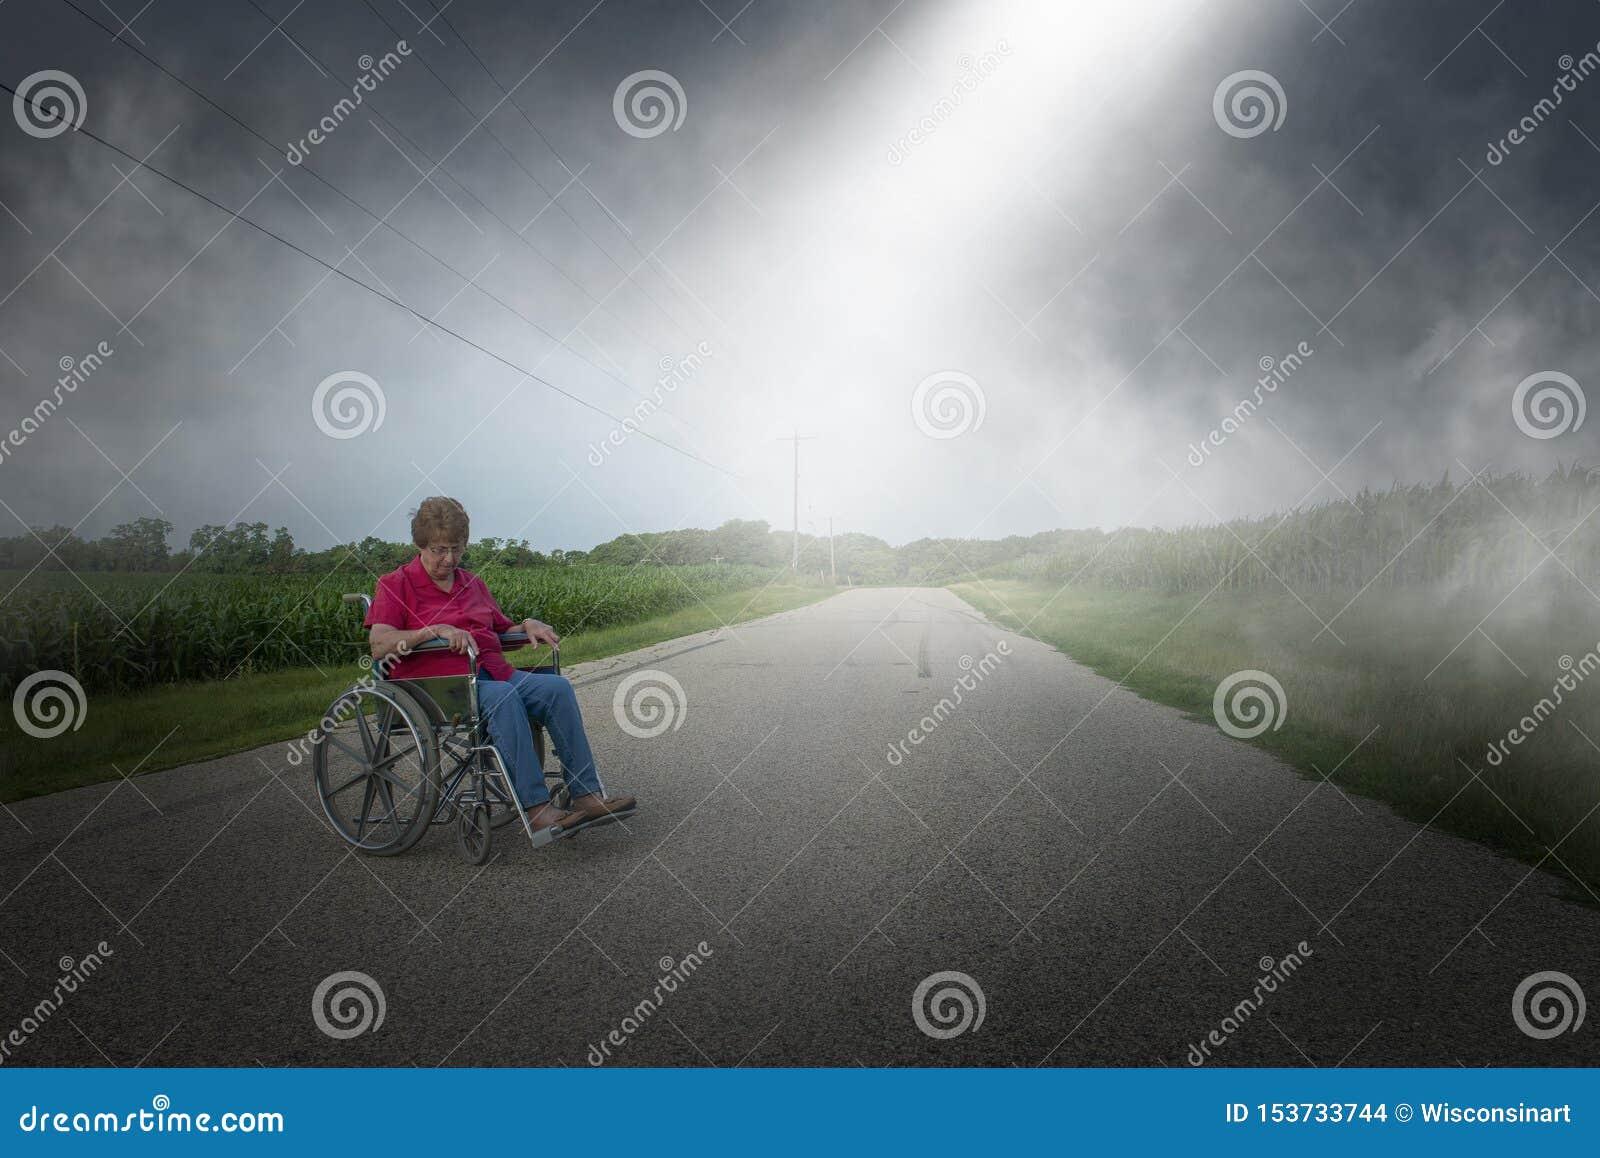 Stara Starsza Starsza kobieta, wózek inwalidzki, Osamotniony, depresja